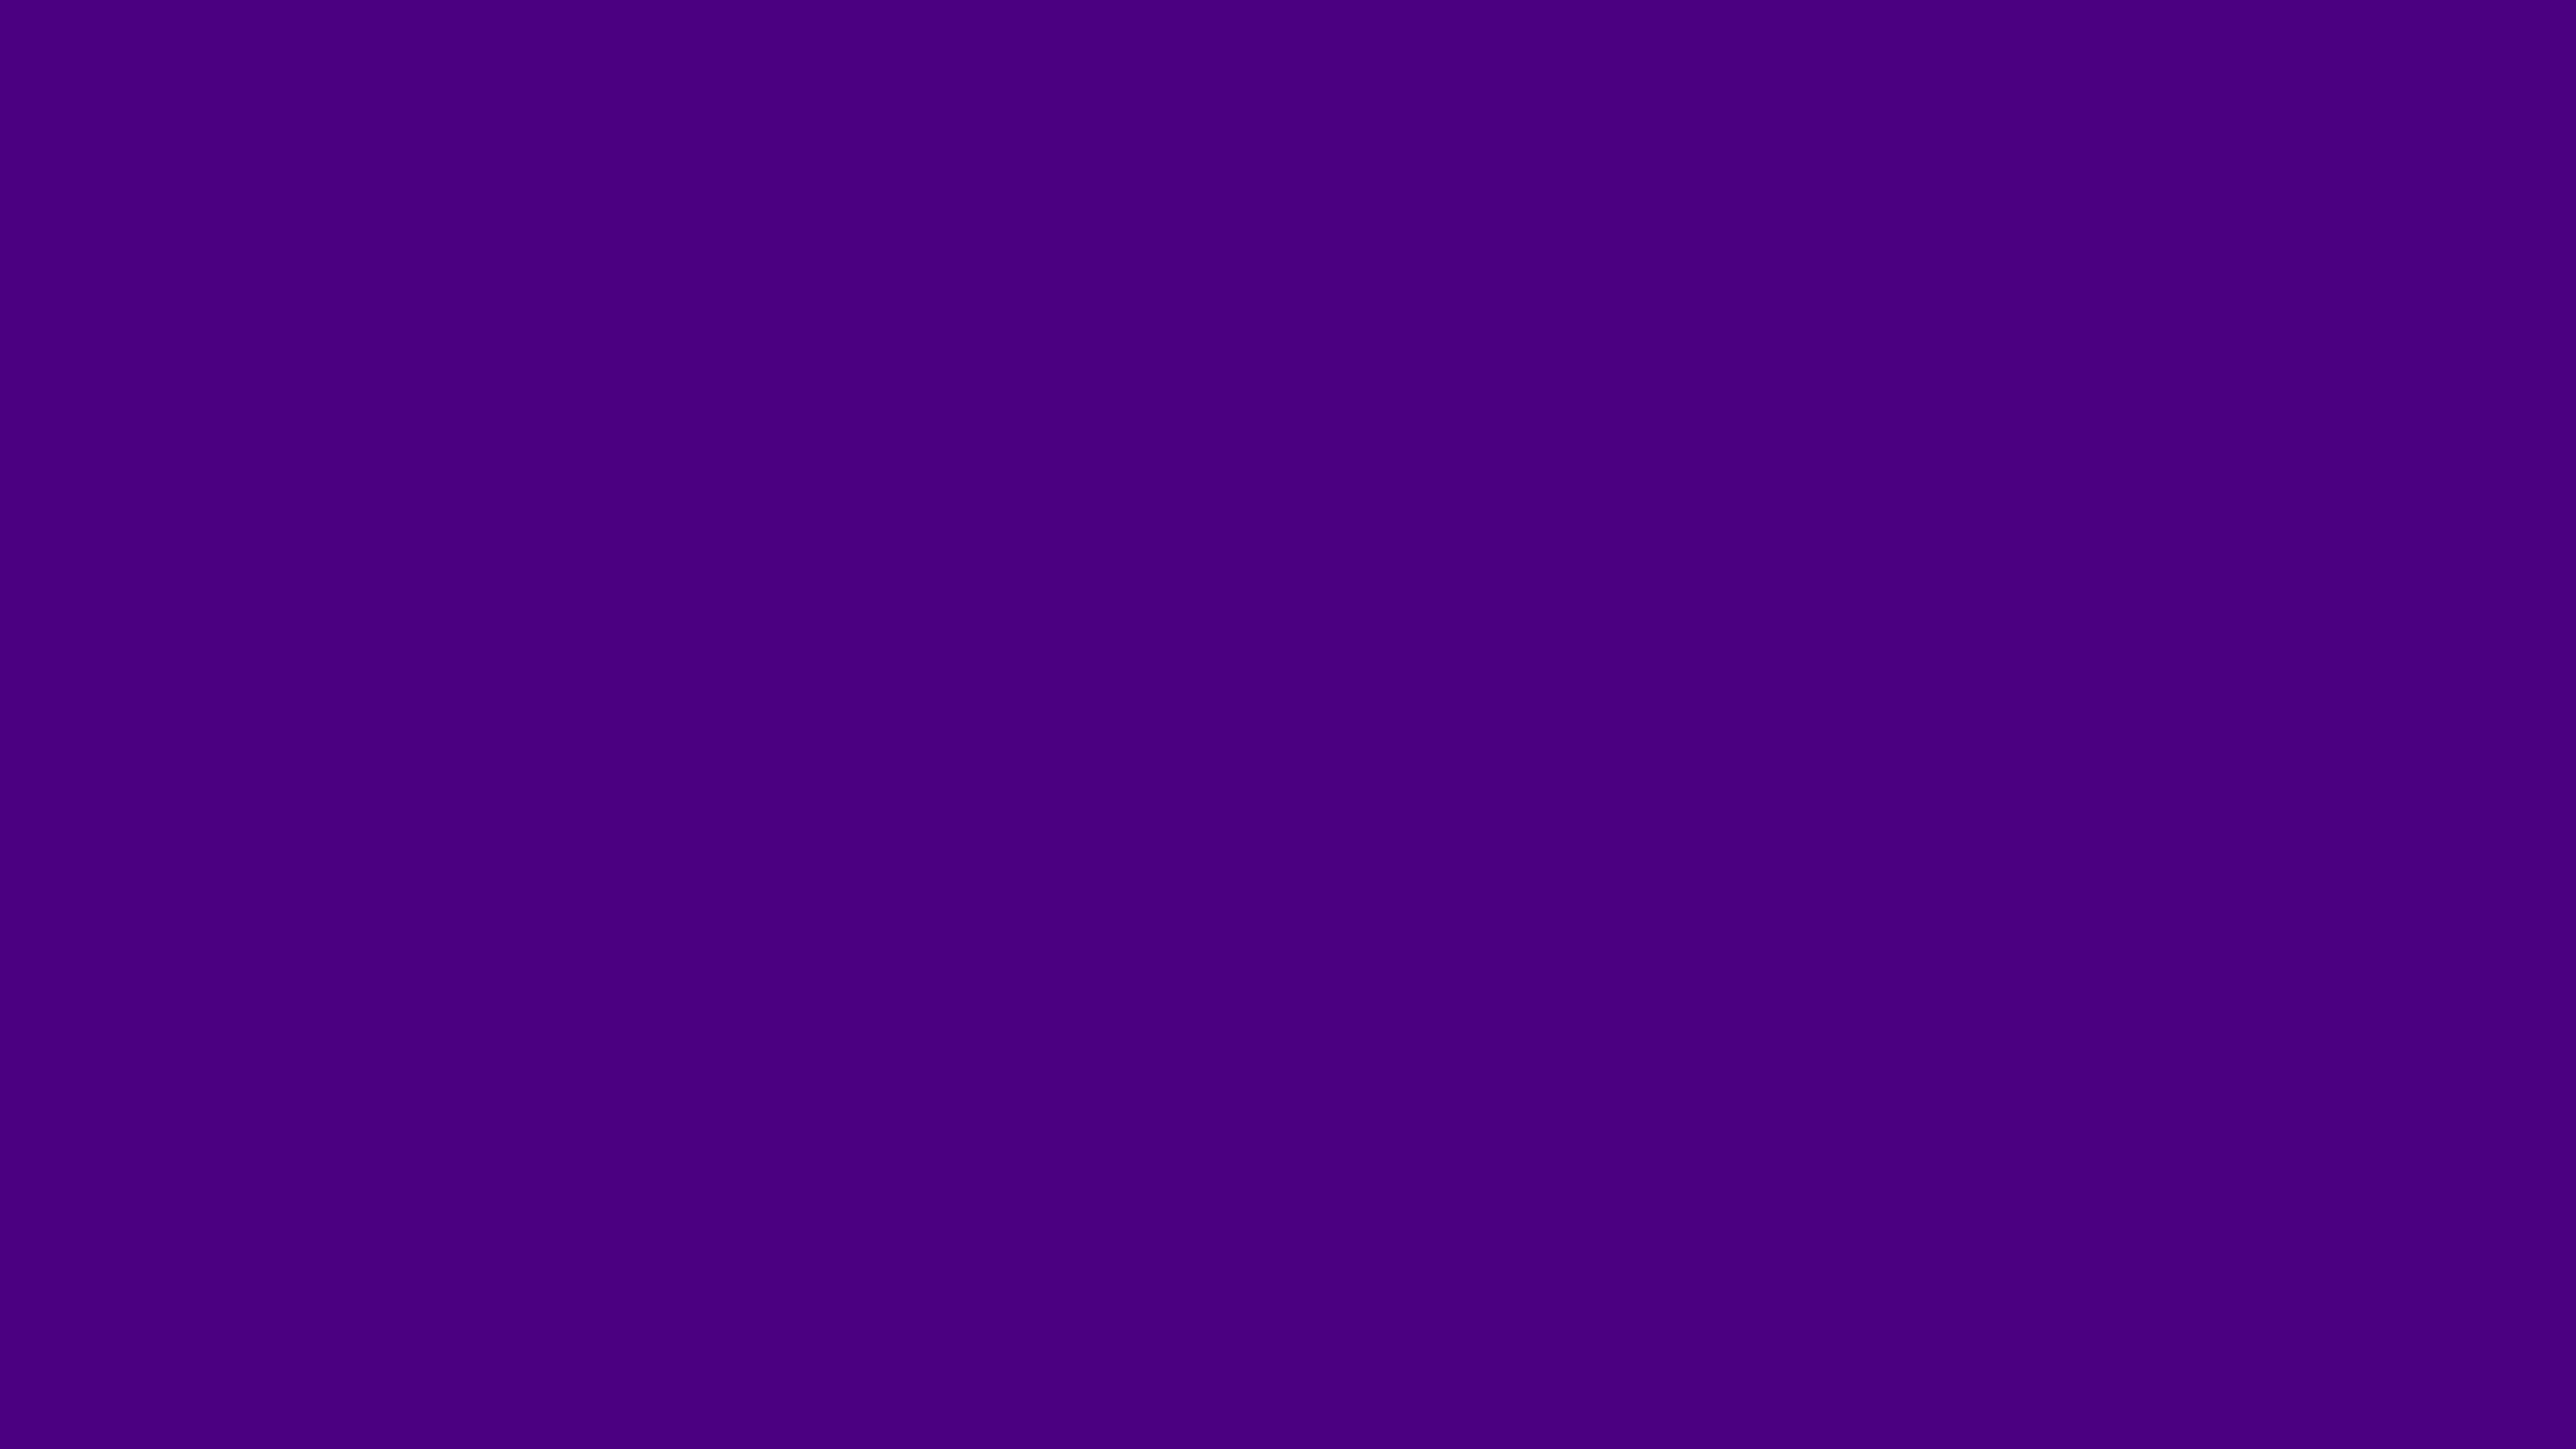 3840x2160 Indigo Web Solid Color Background